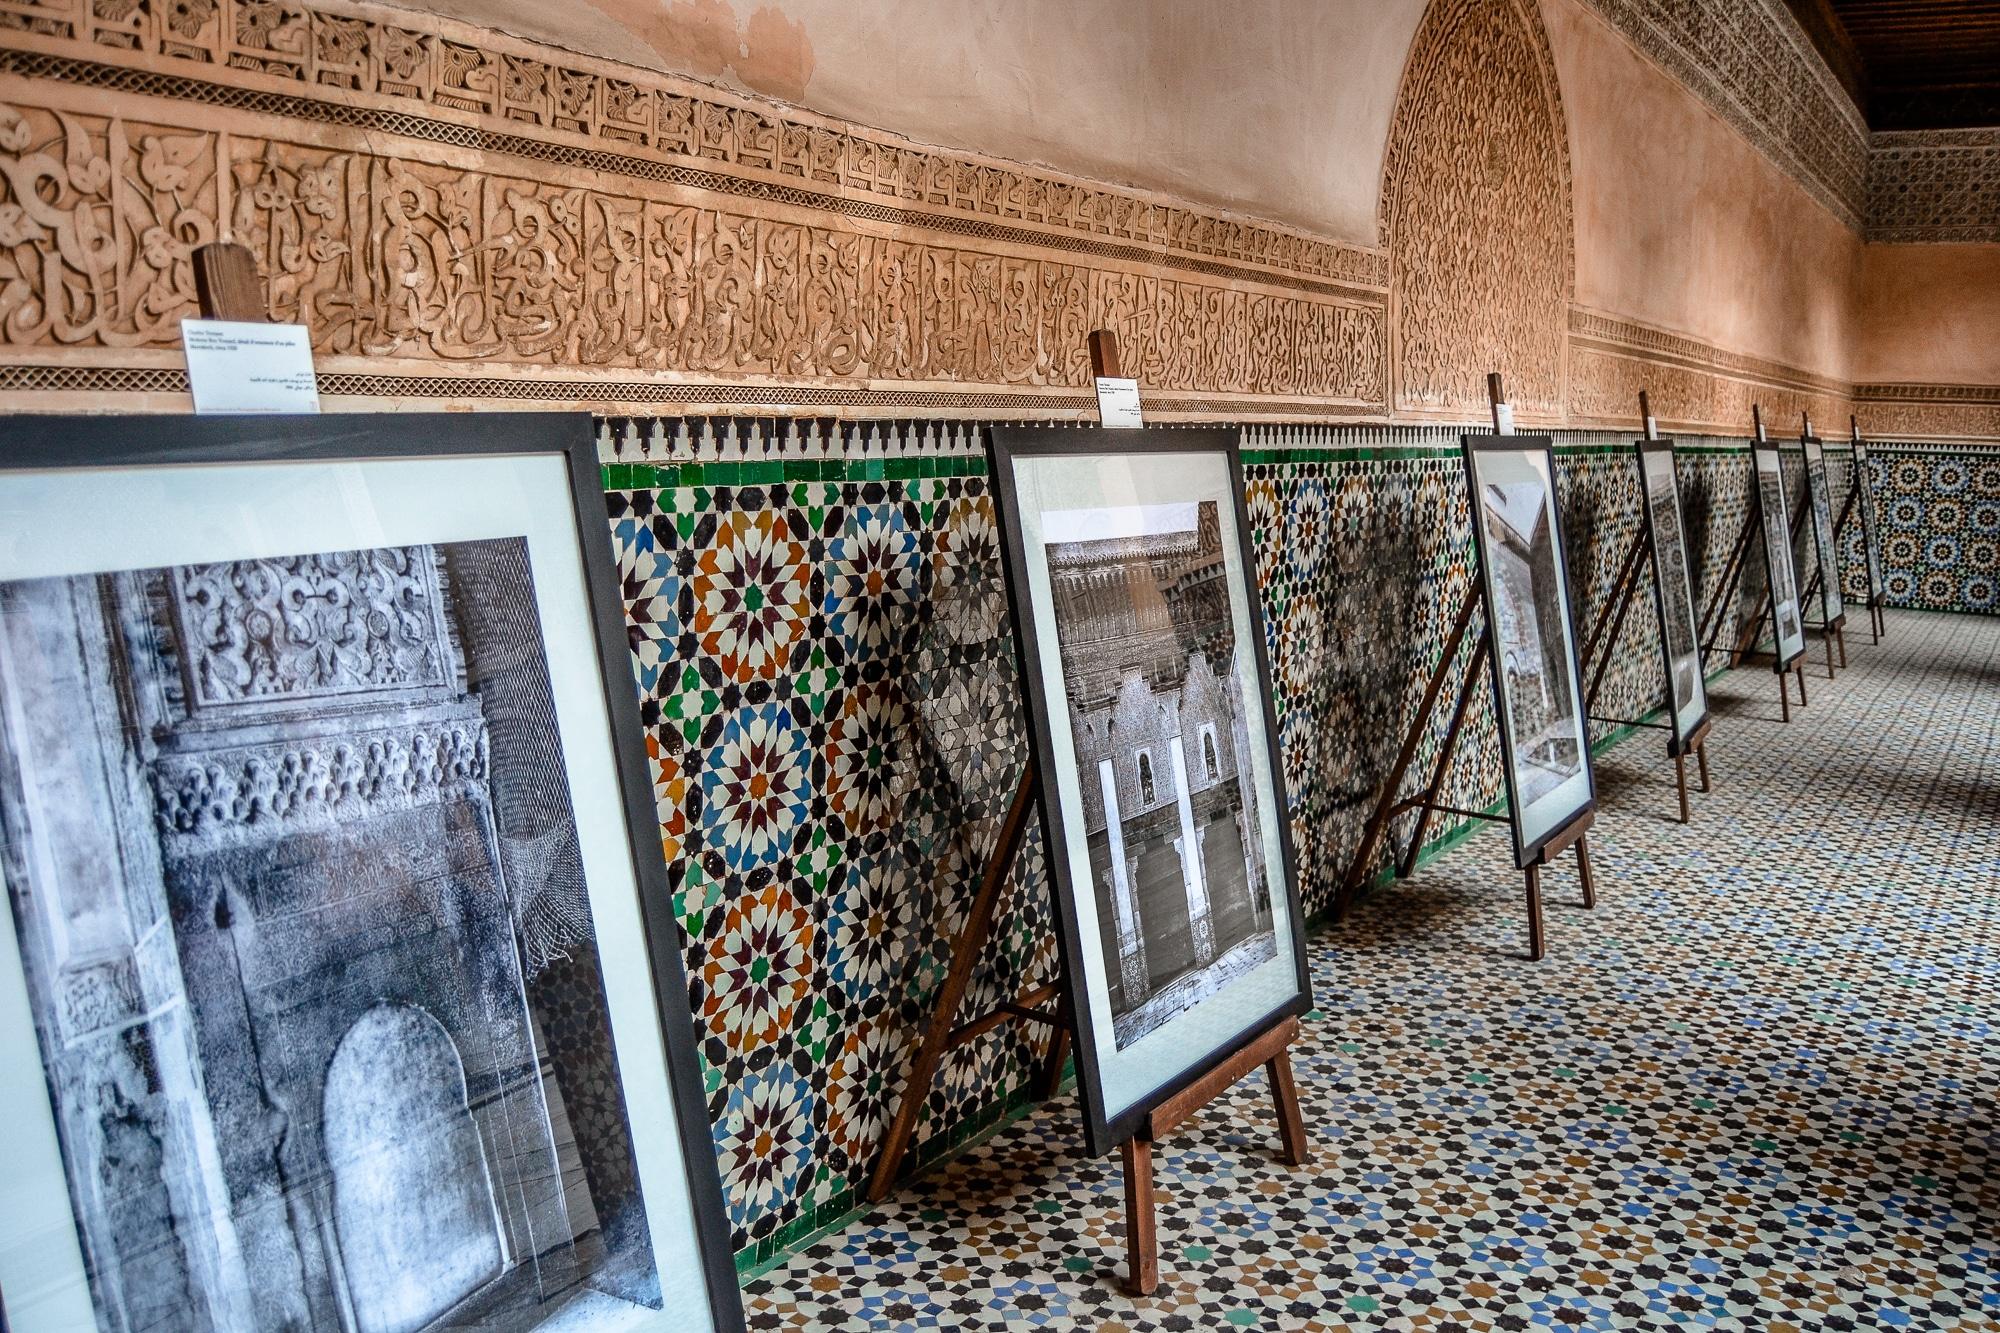 Sightseeing in Marokko: Spaziergang durch Marrakesch